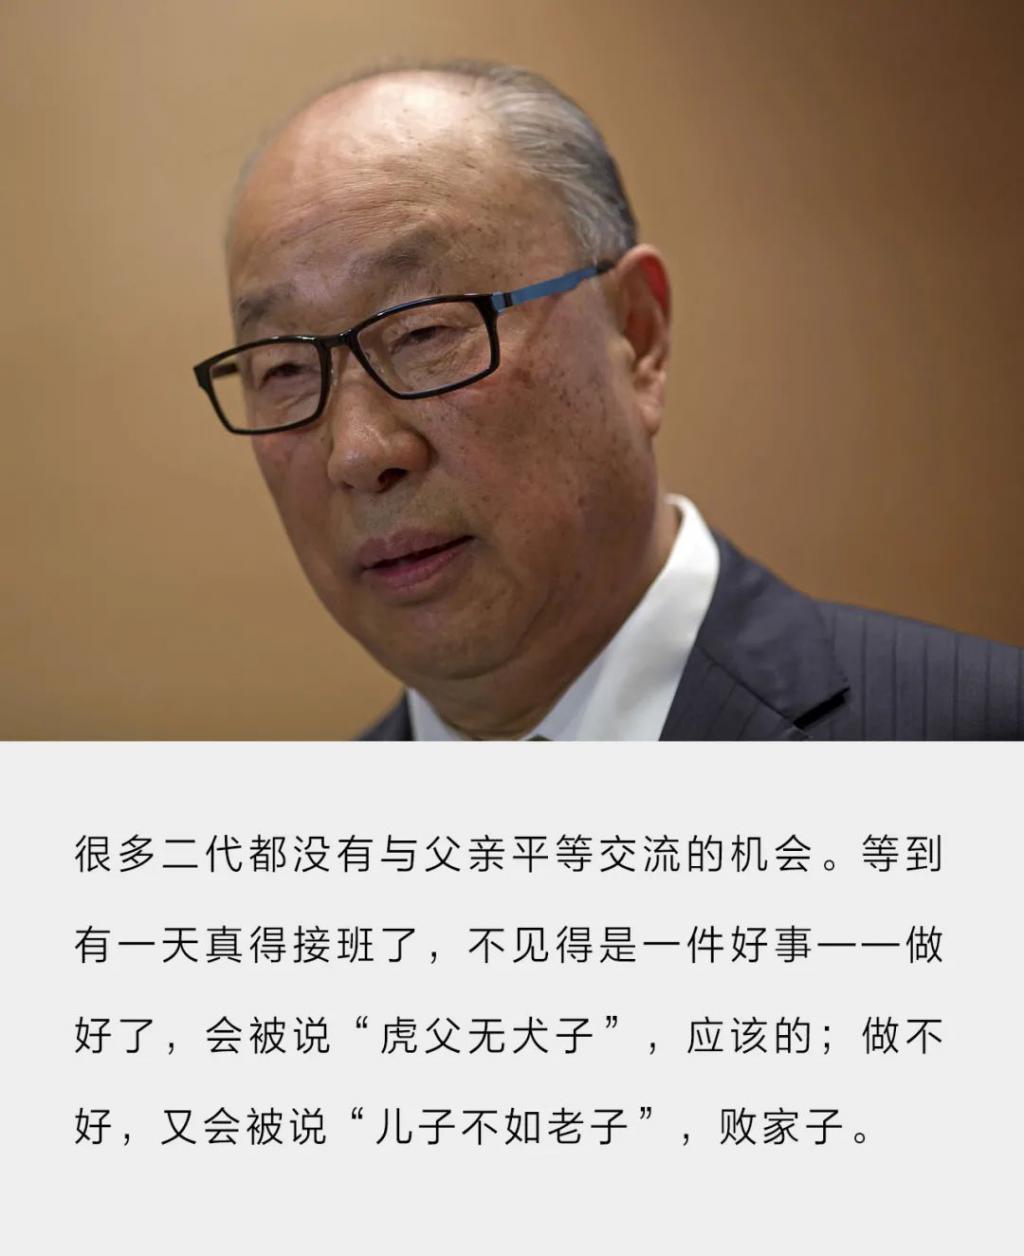 河南百亿富豪,81 岁了却无法退休